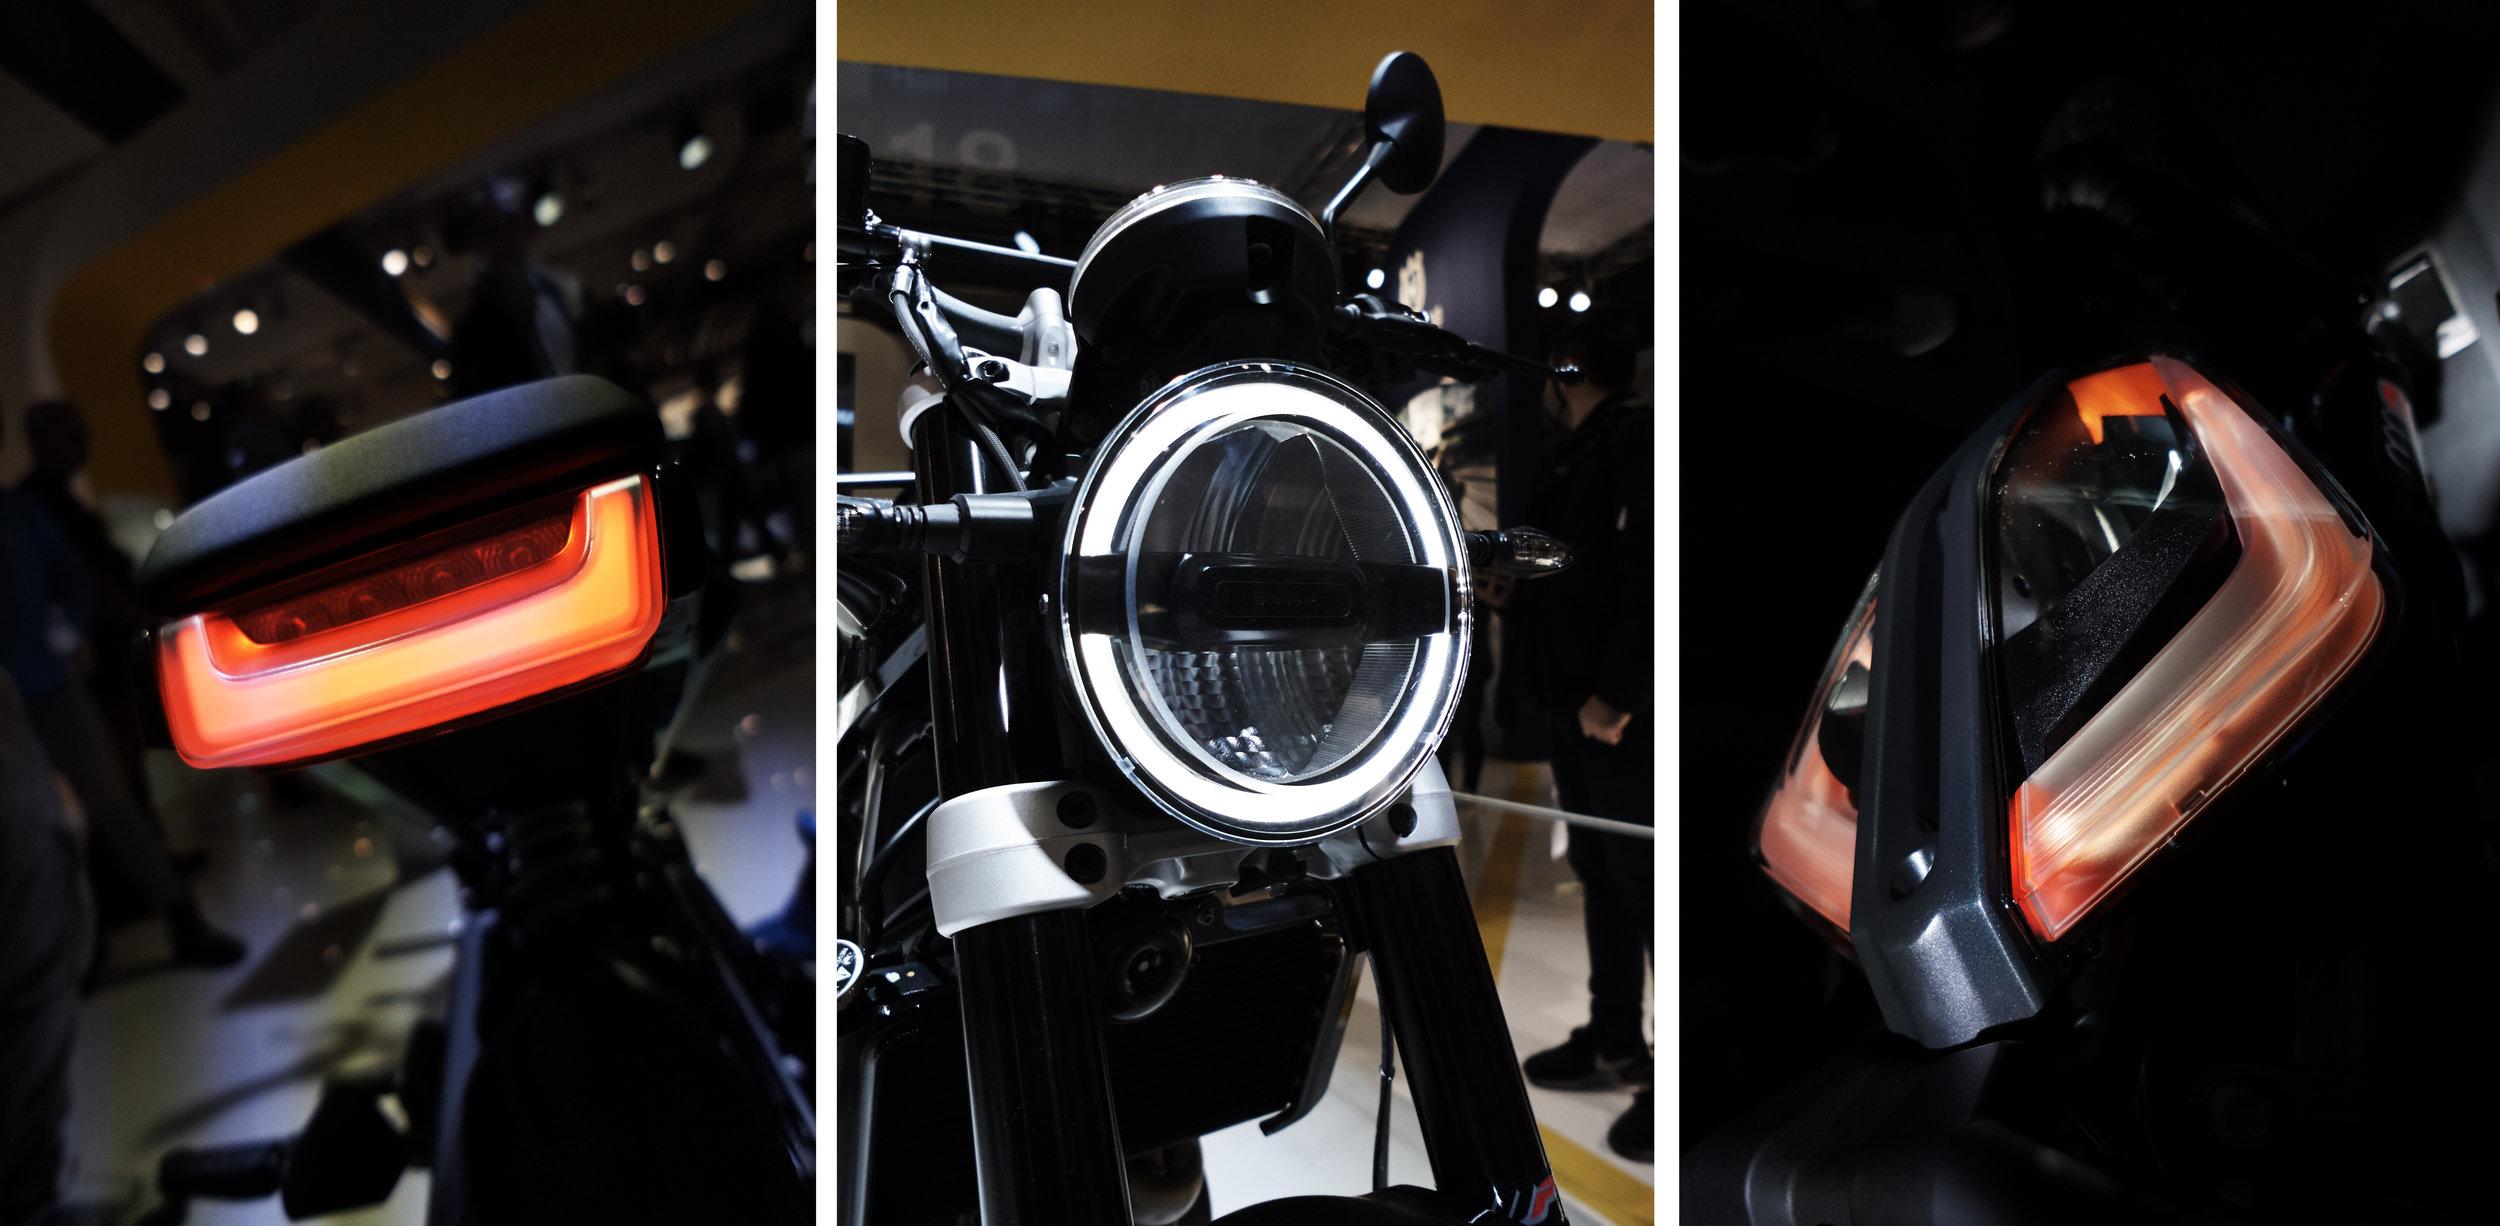 From Left to right,Husqvarna 401 rear light,Husqvarna 401 headlight,KTM Duke head light.